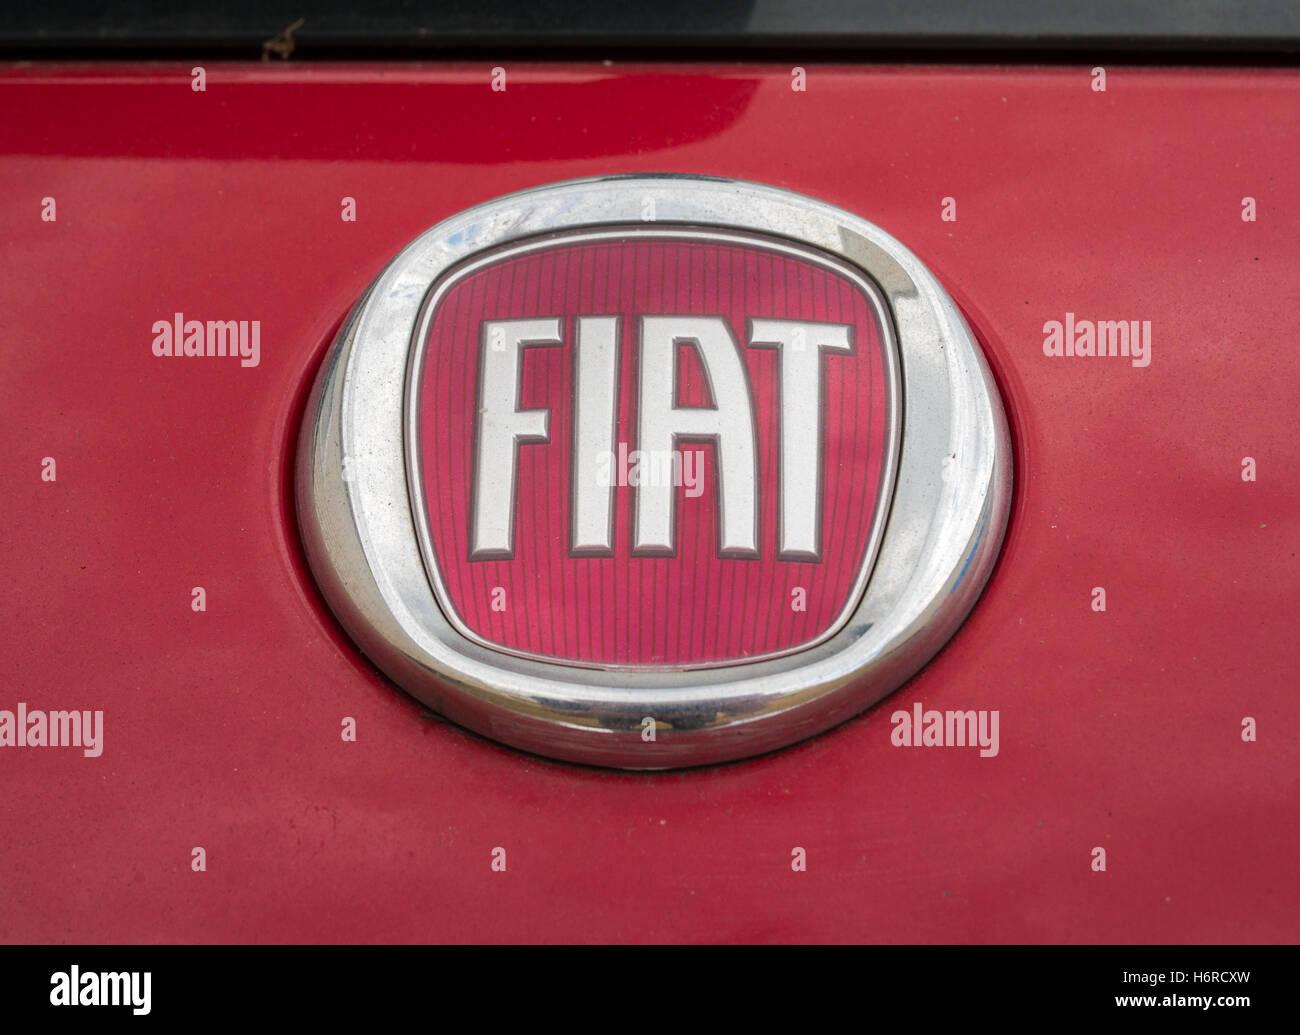 Fiat Car Badge Stock Photos Fiat Car Badge Stock Images Alamy